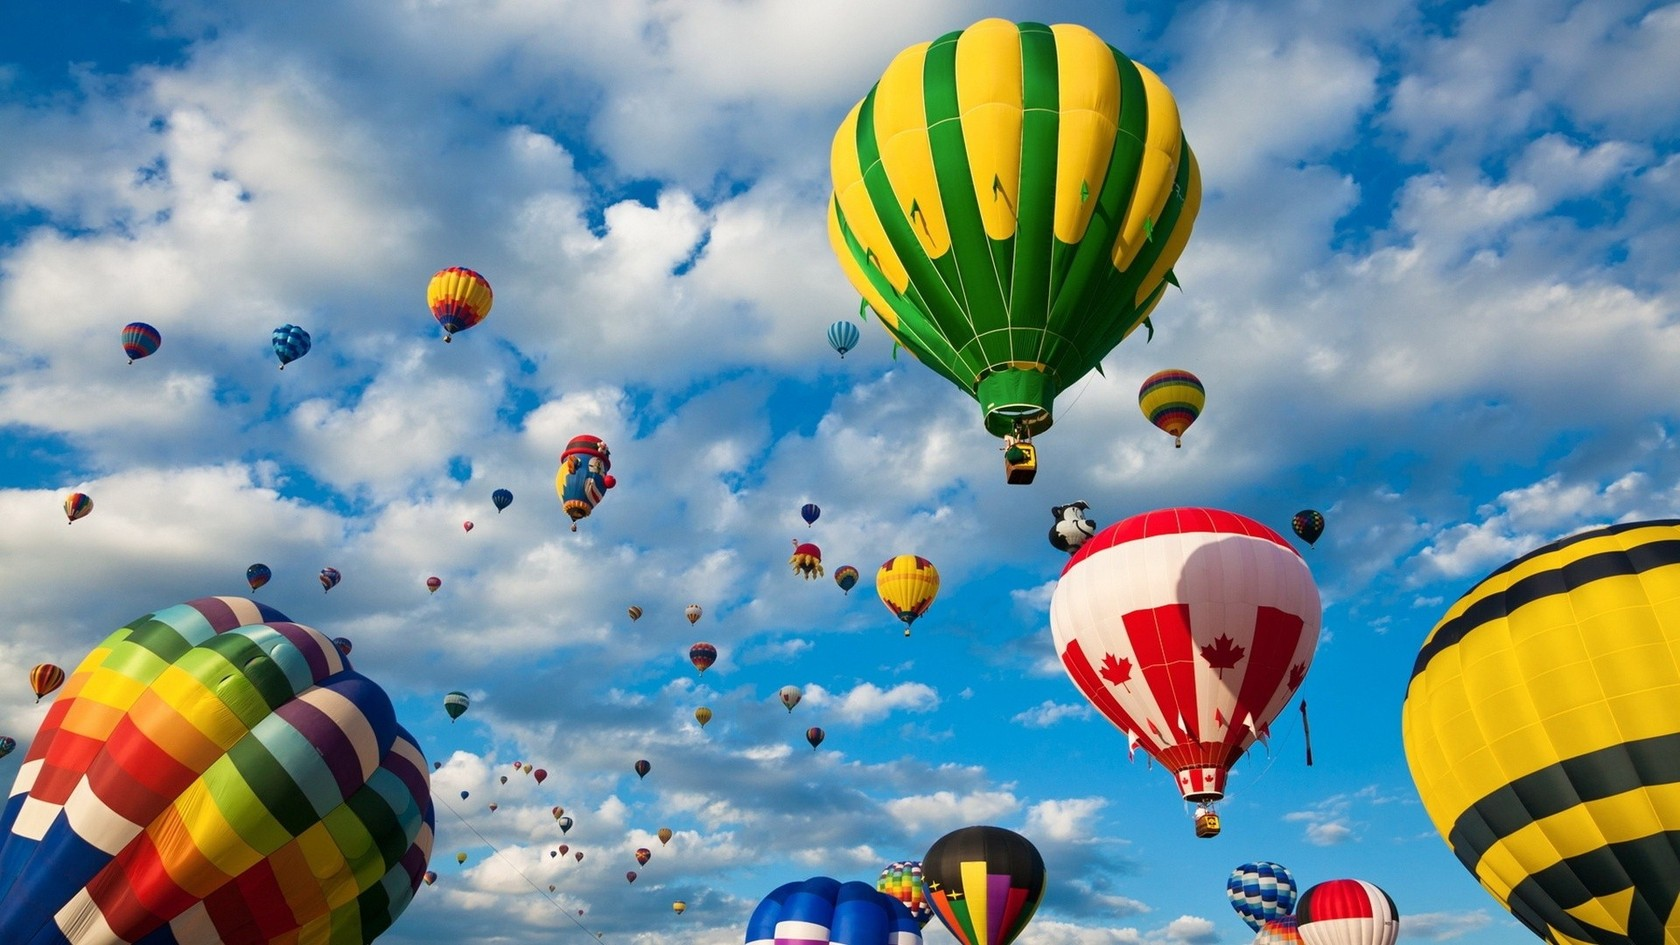 Hot Air Balloon Wallpaper 19612 1680x945 px HDWallSourcecom